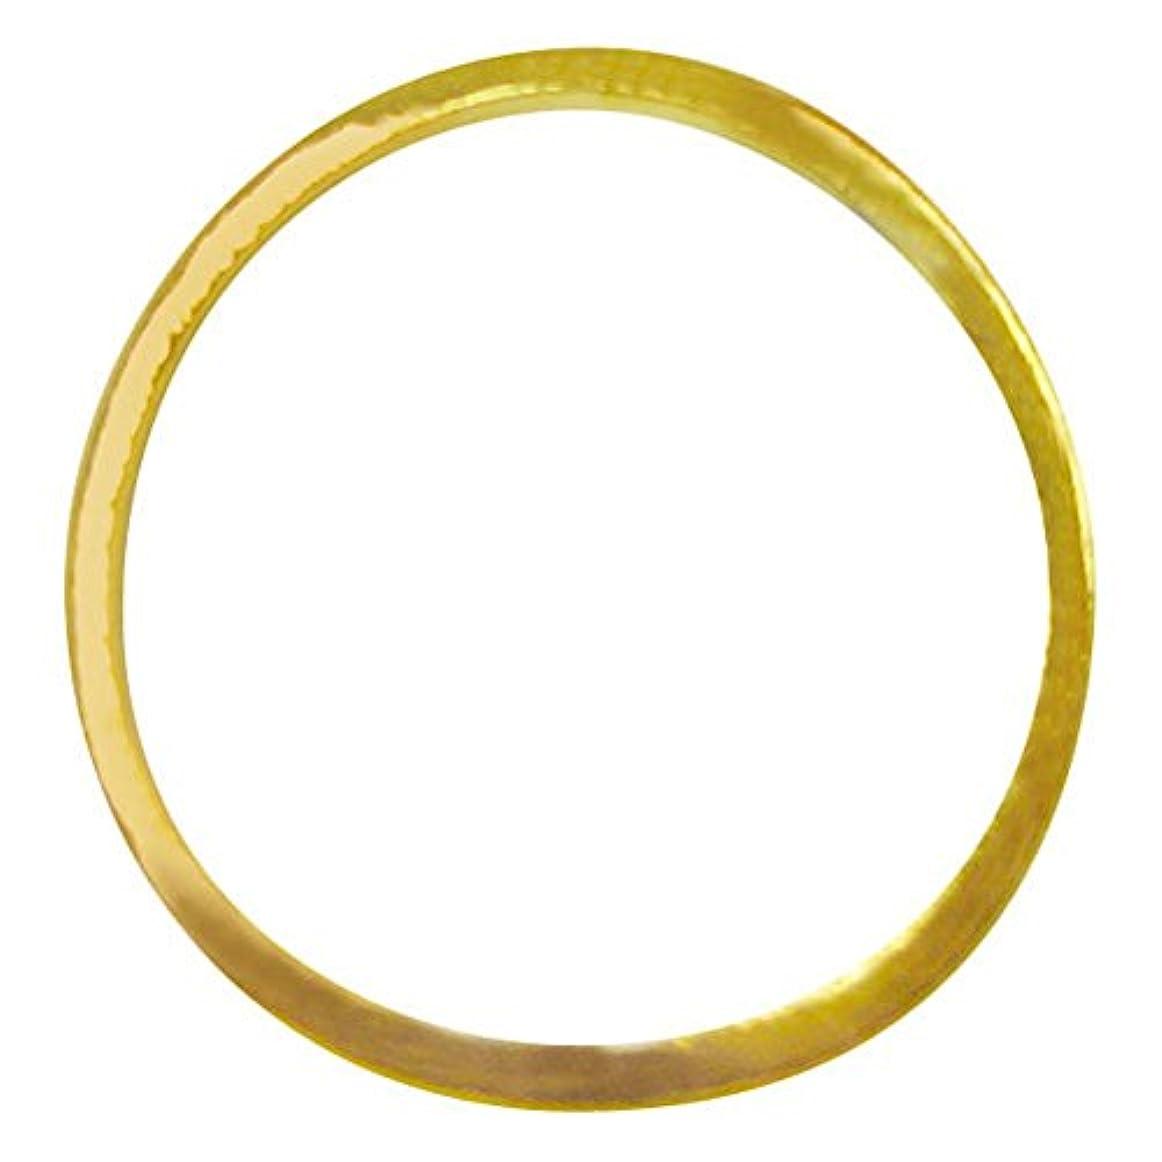 なめらかな鮮やかなシェードジェルネイル  サンシャインベビー シンプル ラウンドフレームL(ゴールド) 10P